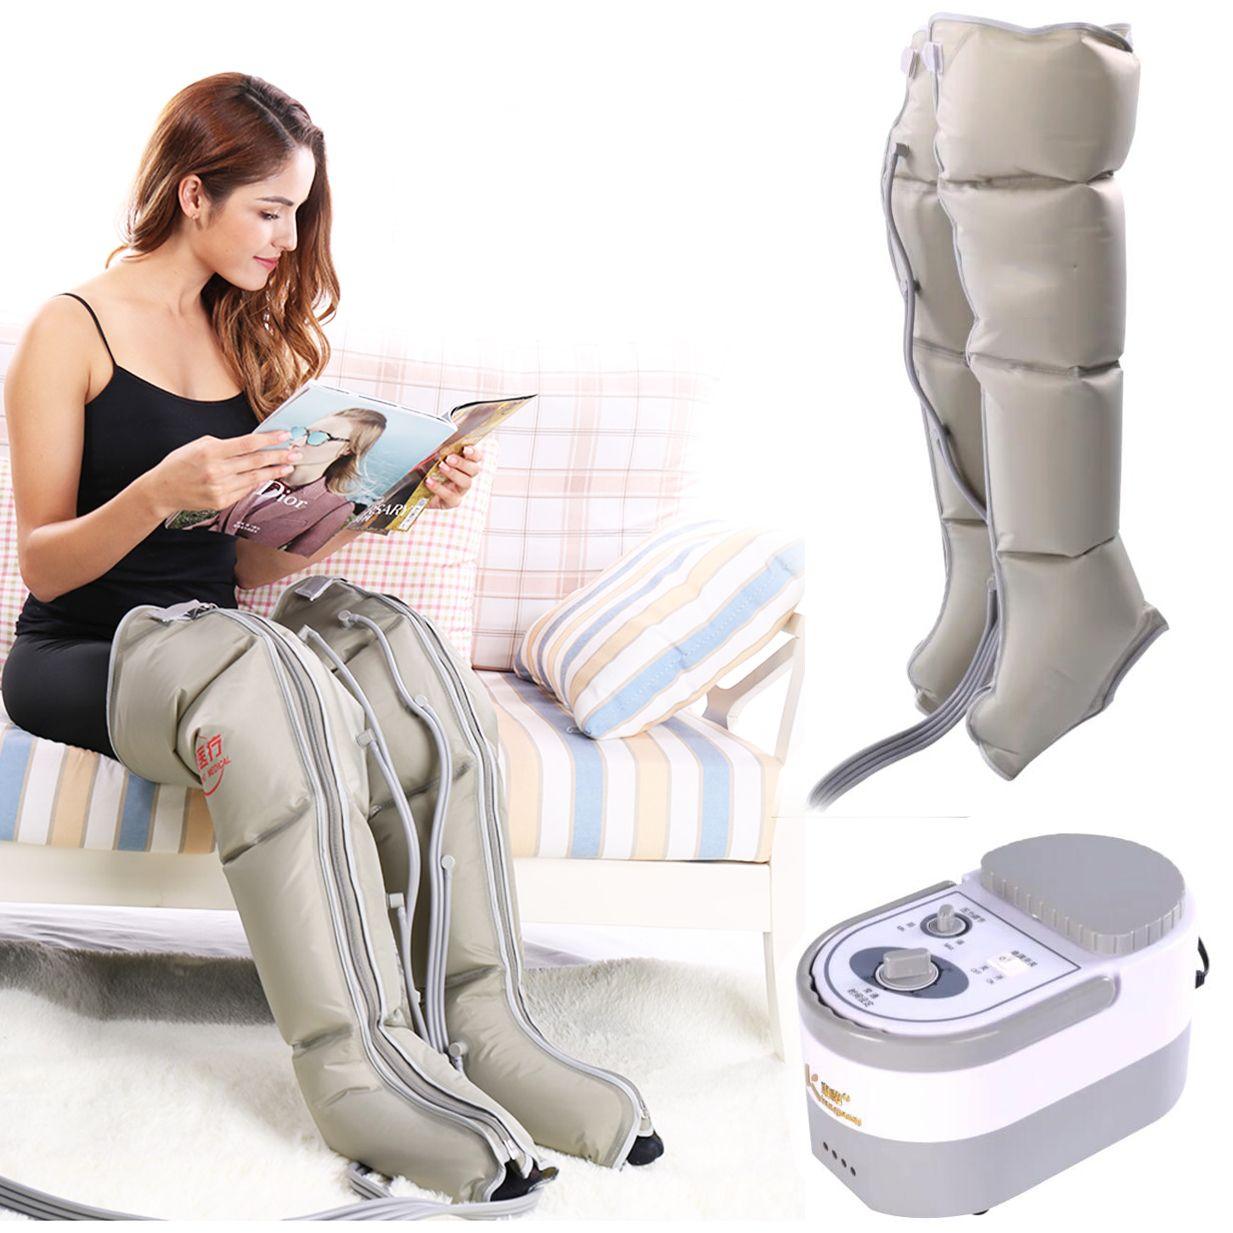 Compresión de aire eléctrico Masajeador de piernas Pierna Pie Wraps tobillos Becerro máquina del masaje promueve la circulación de sangre Aliviar Dolor Fatiga V191216